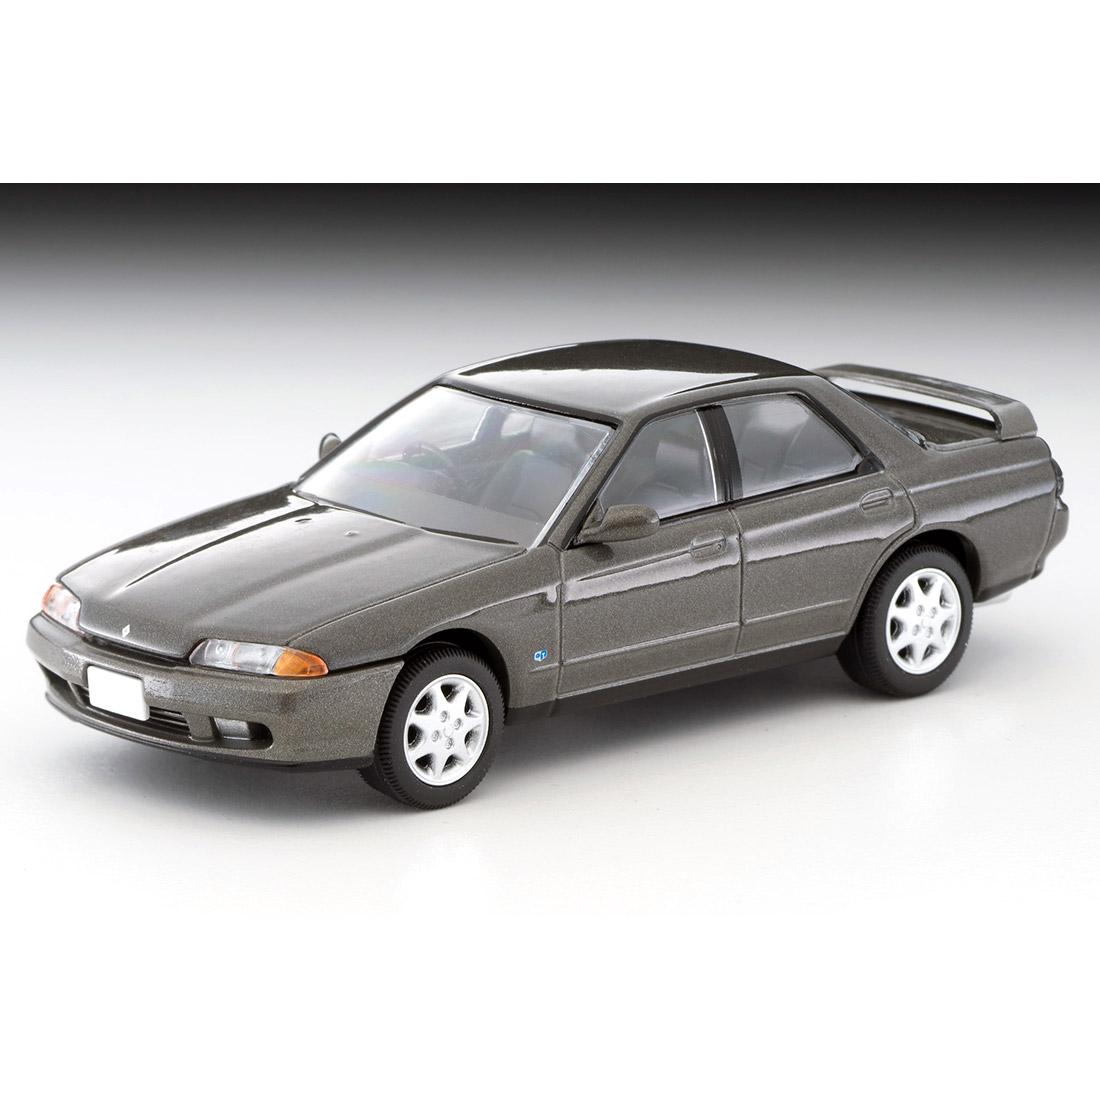 トミカリミテッドヴィンテージ ネオ『LV-N194a 日産スカイライン GTS25 タイプX・G (グレー)』ミニカー-002